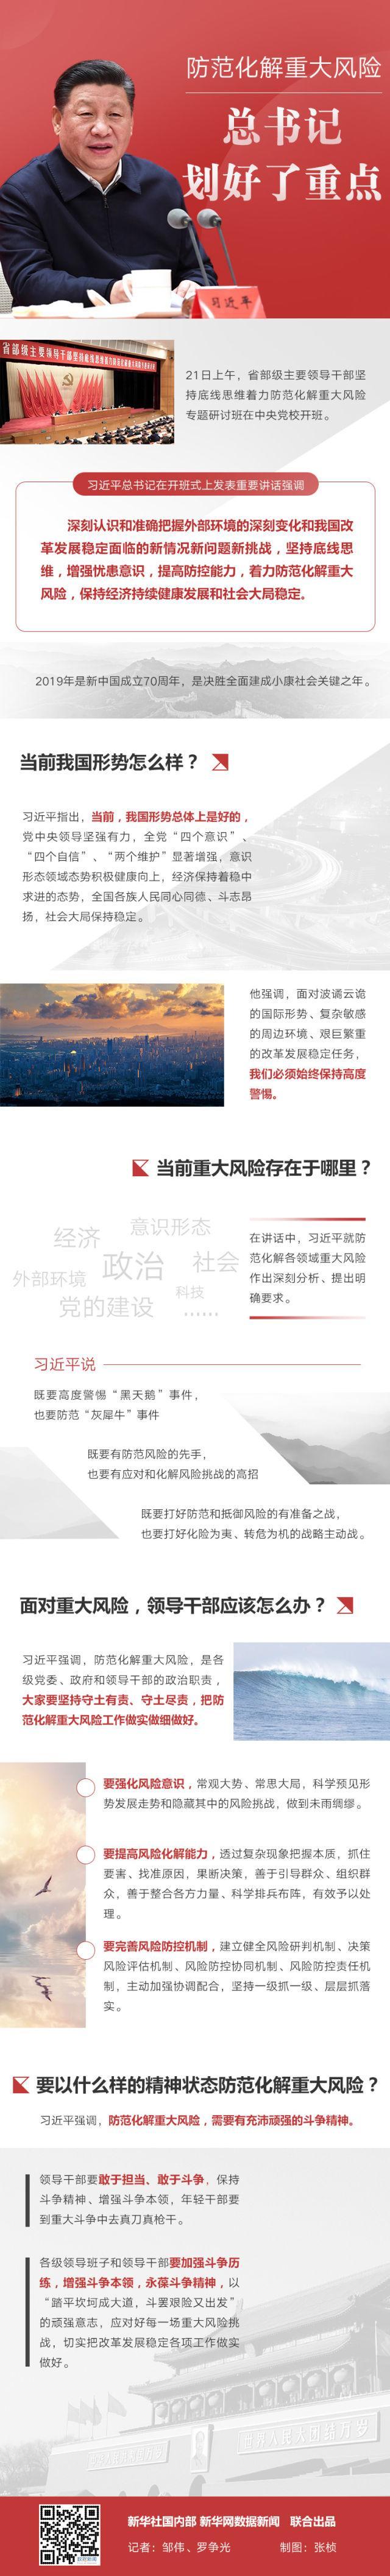 解读习近平总书记在省部级主要领导干部坚持底线思维着力防范化解